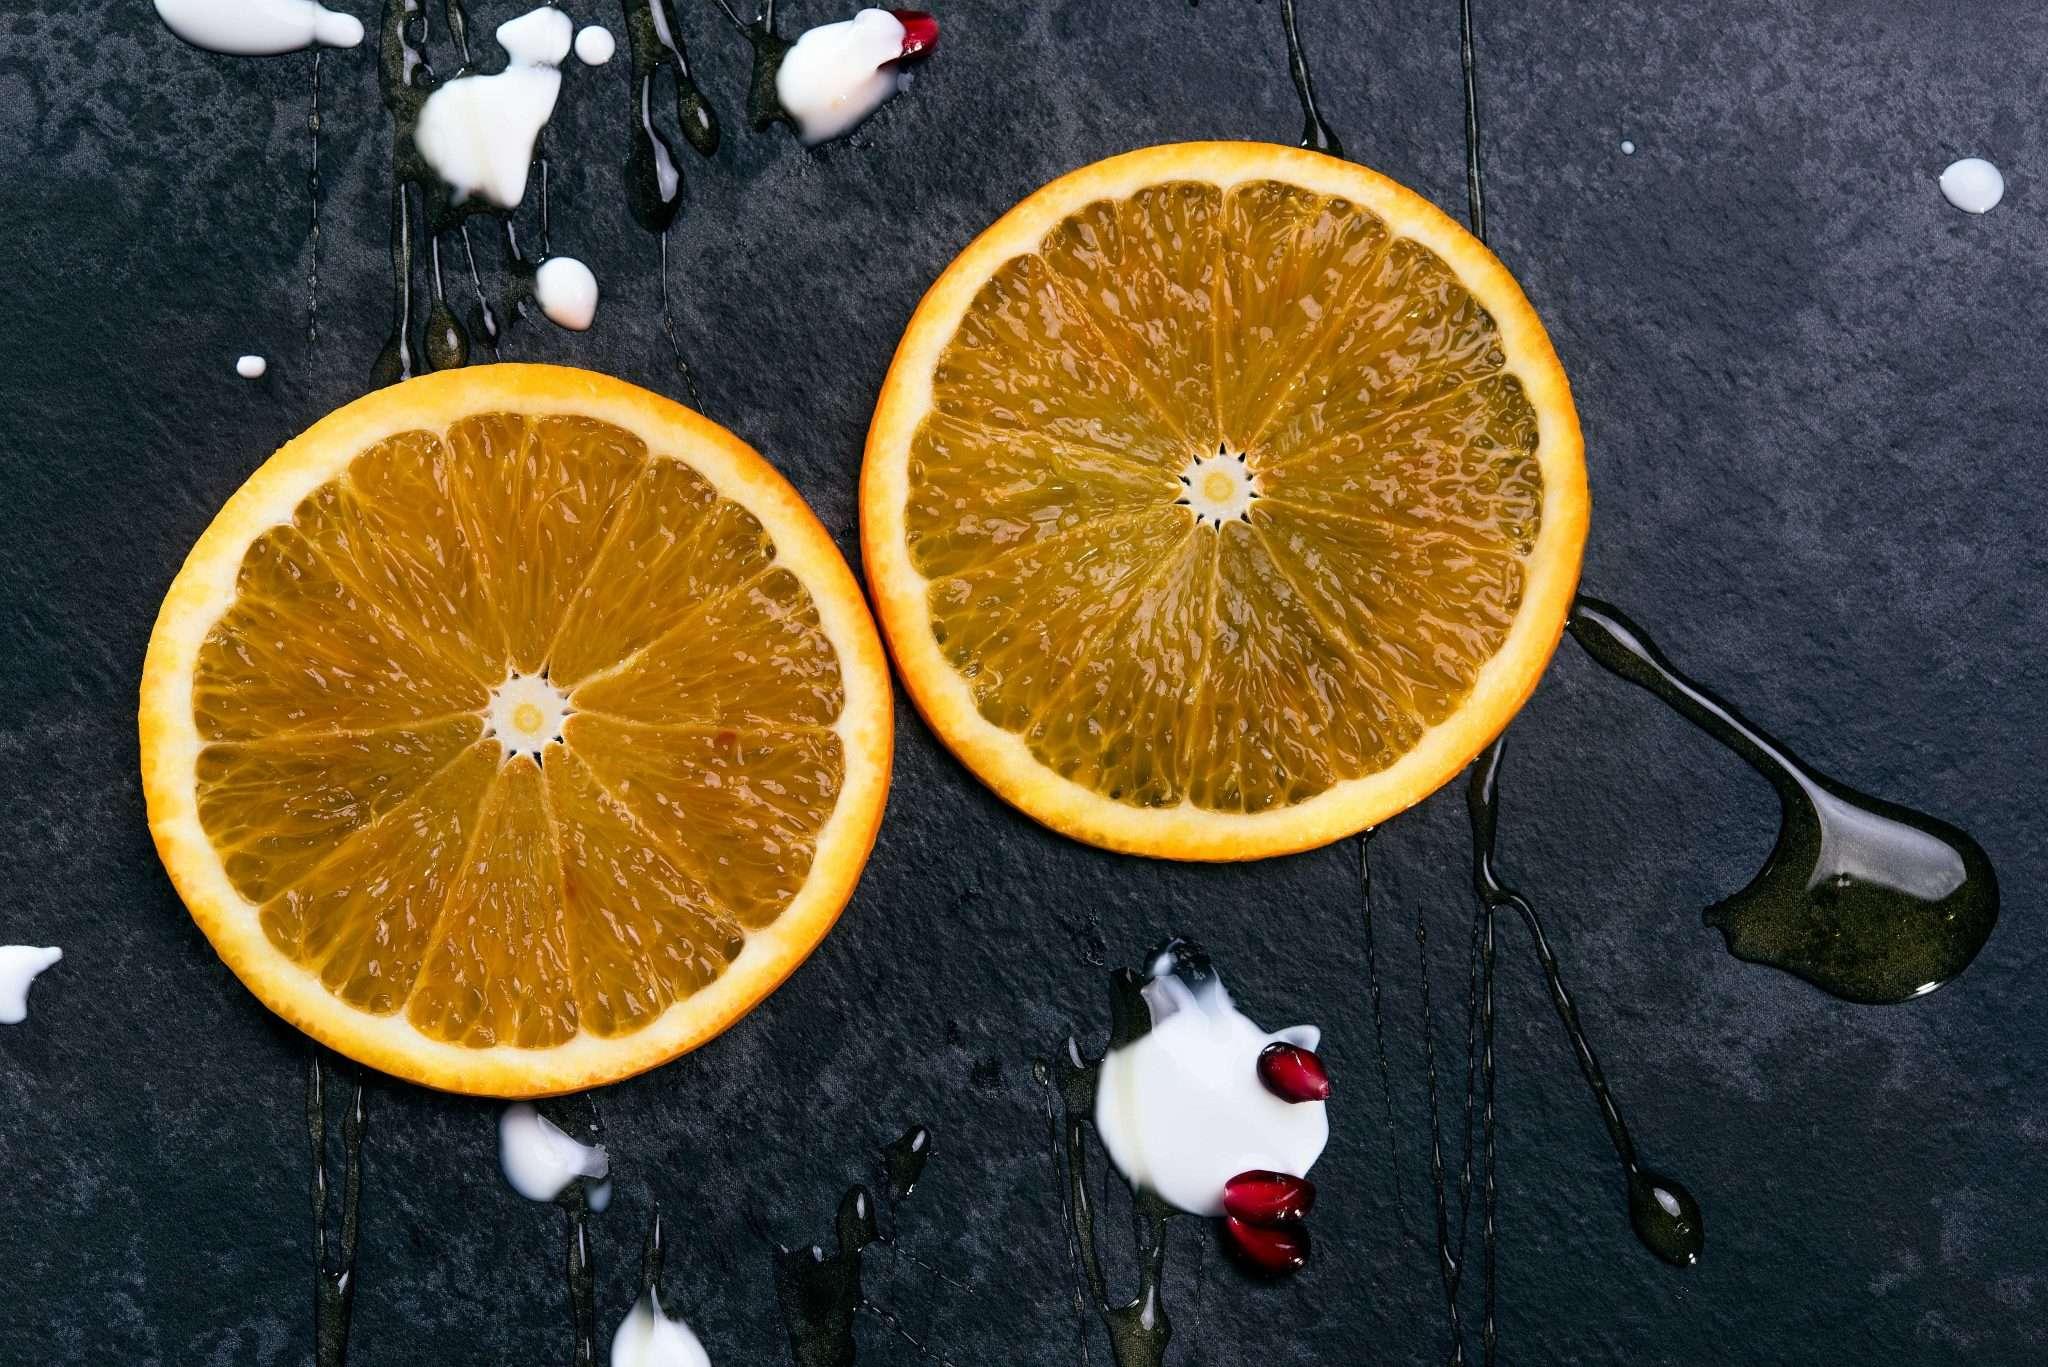 Fotografia food fruit still life Pozzuoli Napoli realizzata da Barbara Trincone Fotografo professionista pubblicitario freelance con studio privato, specializzato in Still life, Food, Beverage, Drink